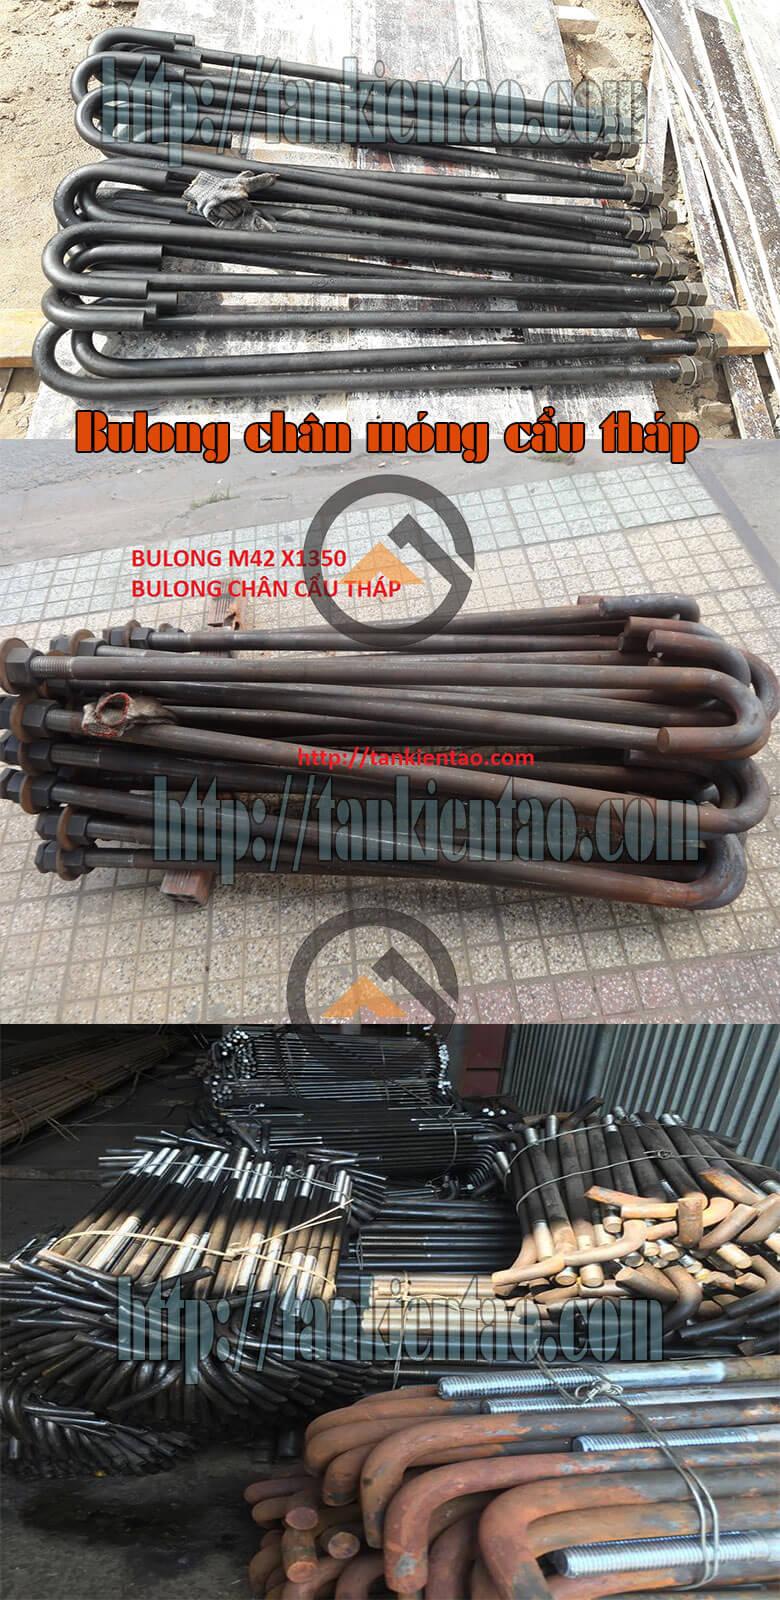 Bulong móng cẩu tháp - Bulong cẩu tháp